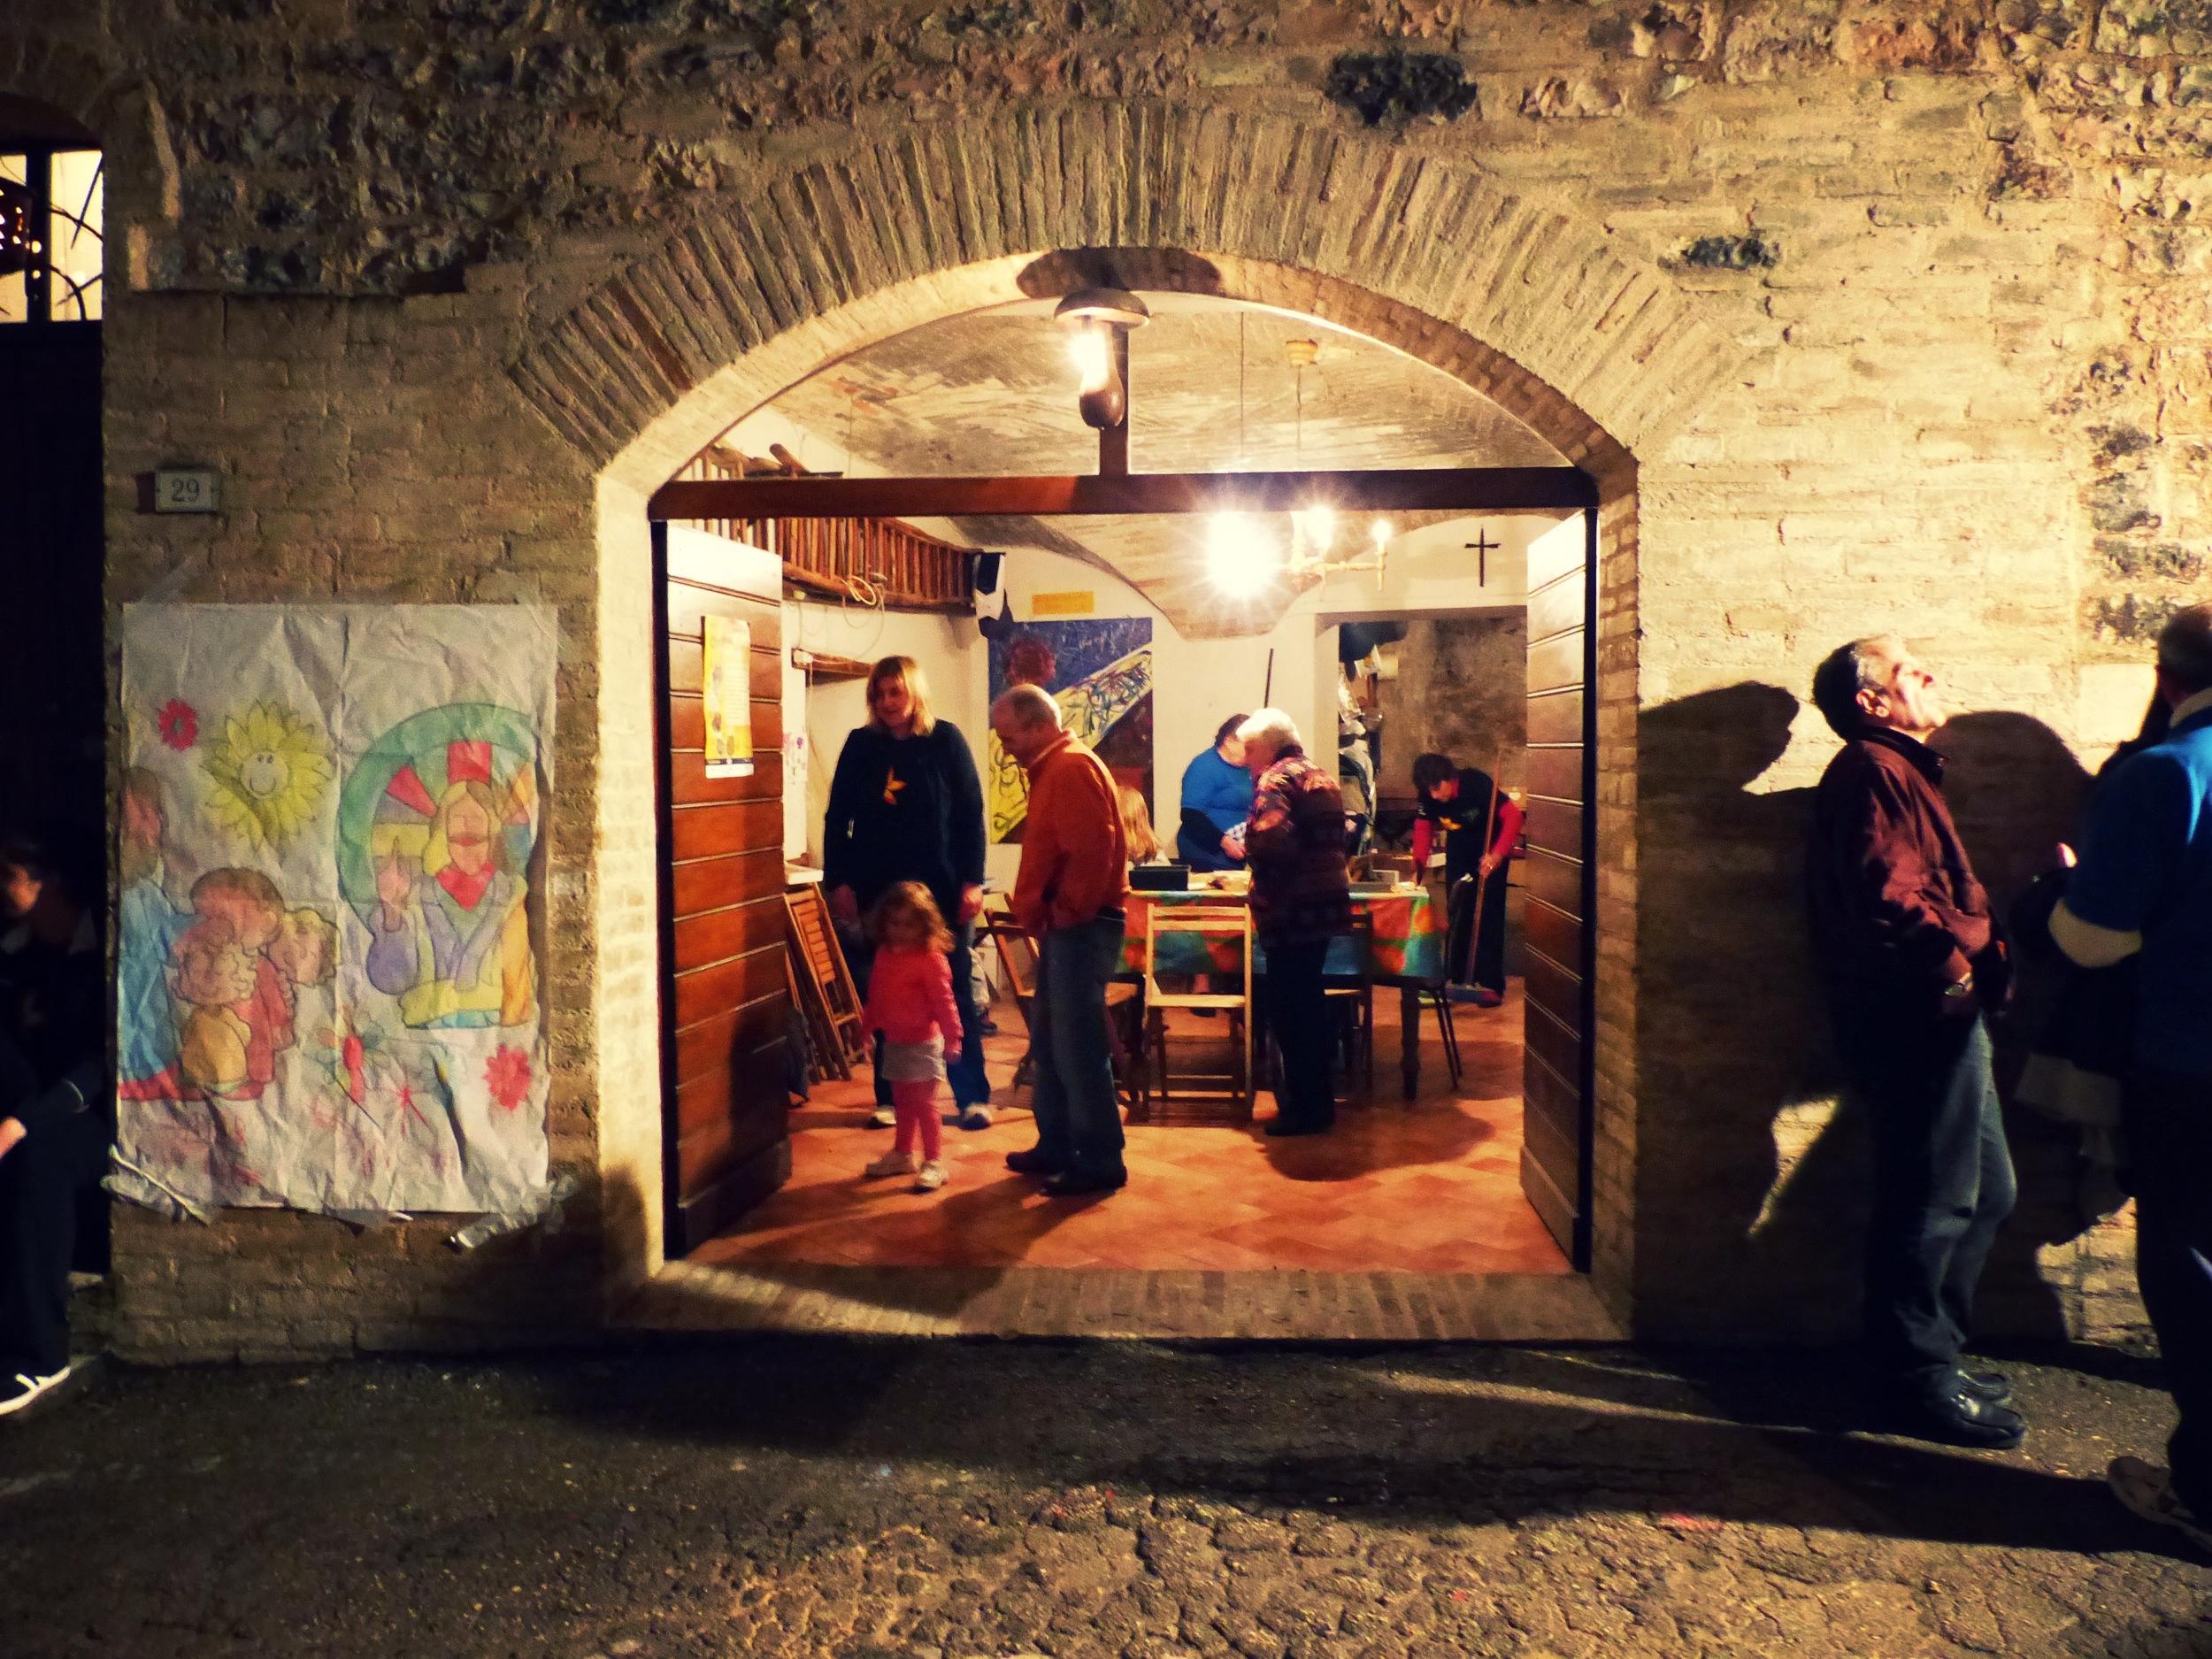 Cantina lit against the night at Infiorata in Spello, Umbria